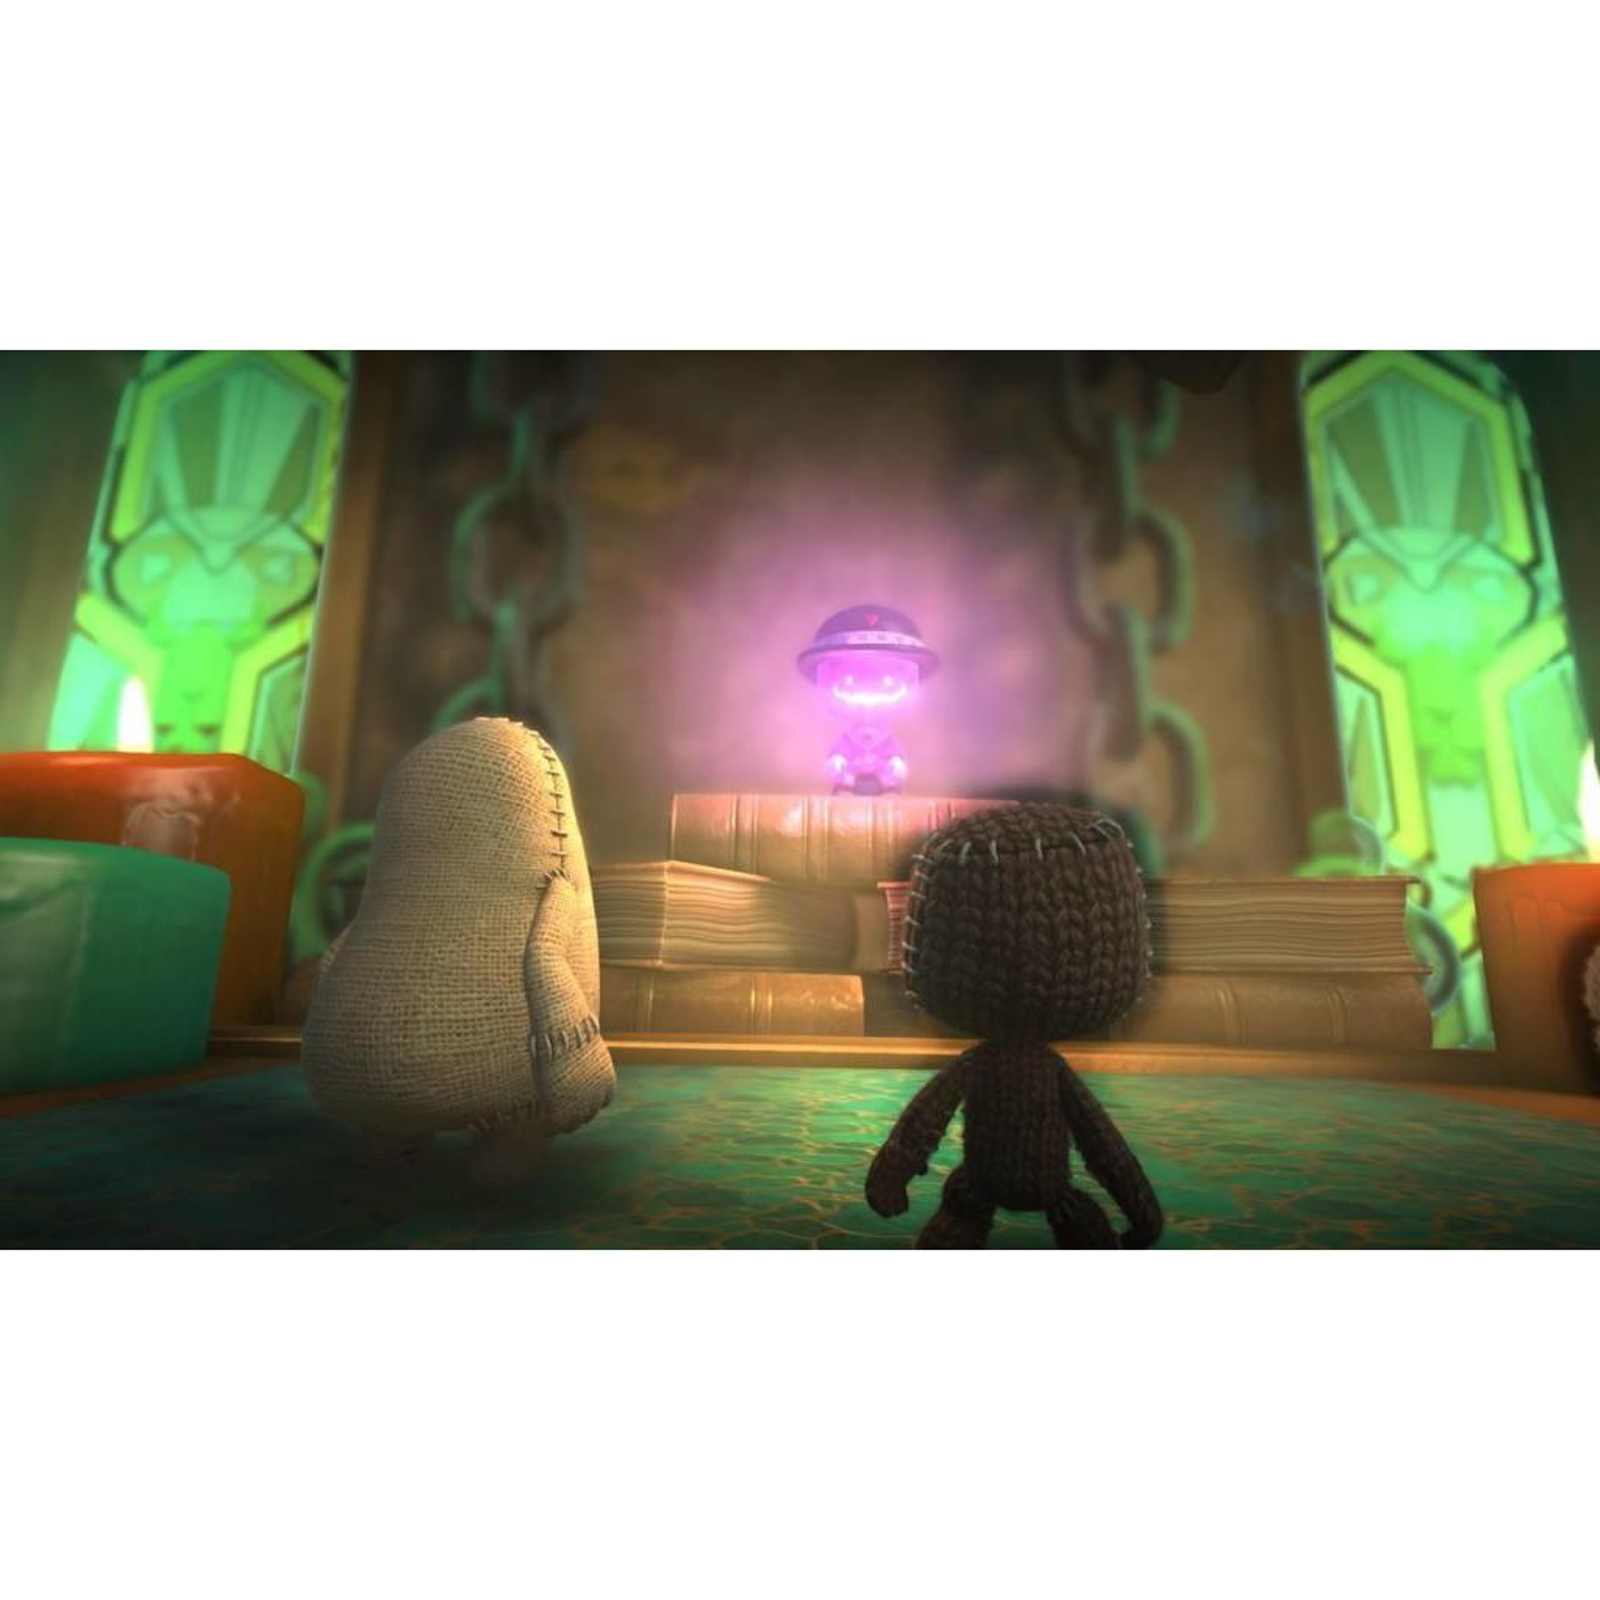 Игра SONY LittleBigPlanet3[PS4,Russianversion]Blu-ray диск (9424871) изображение 4